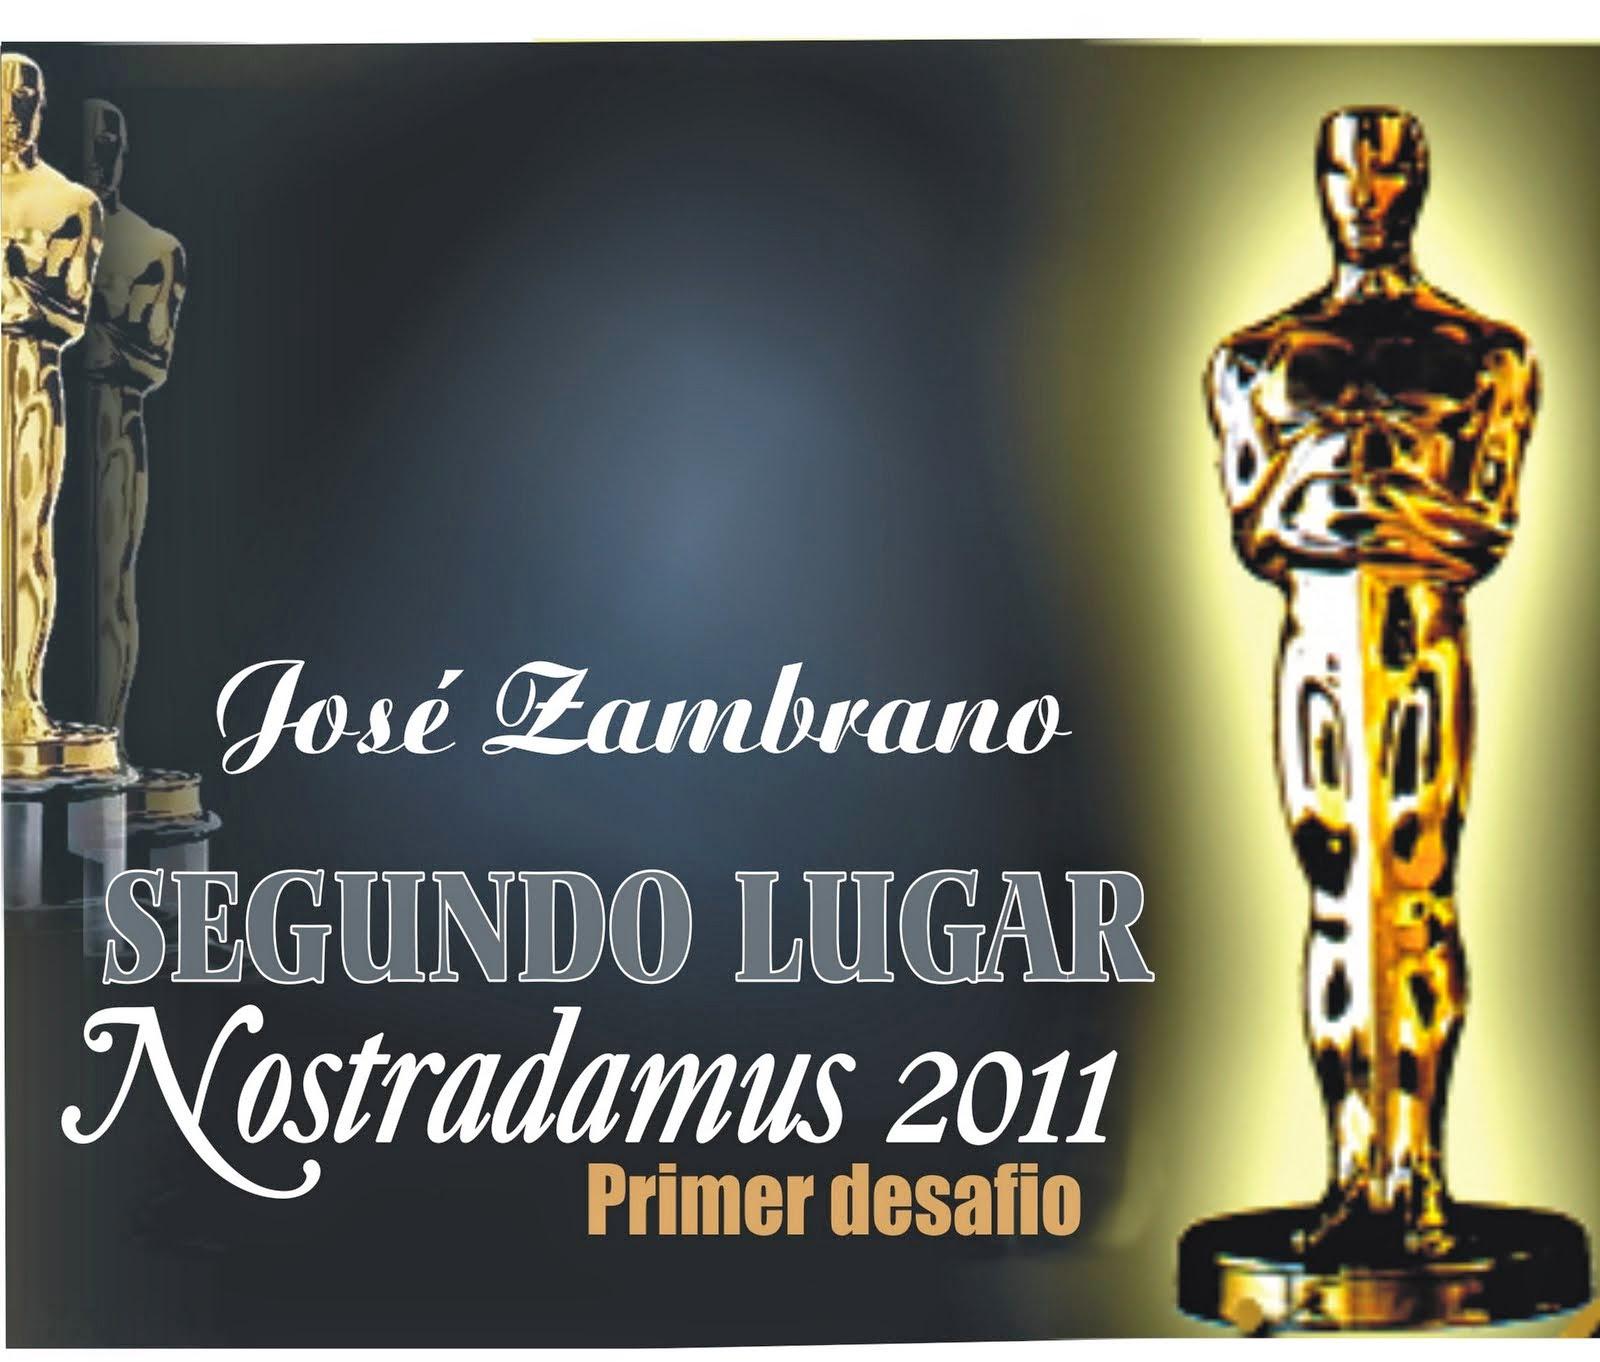 Segundo Lugar: Nostradamus Oscar 2011 (Primer desafio)